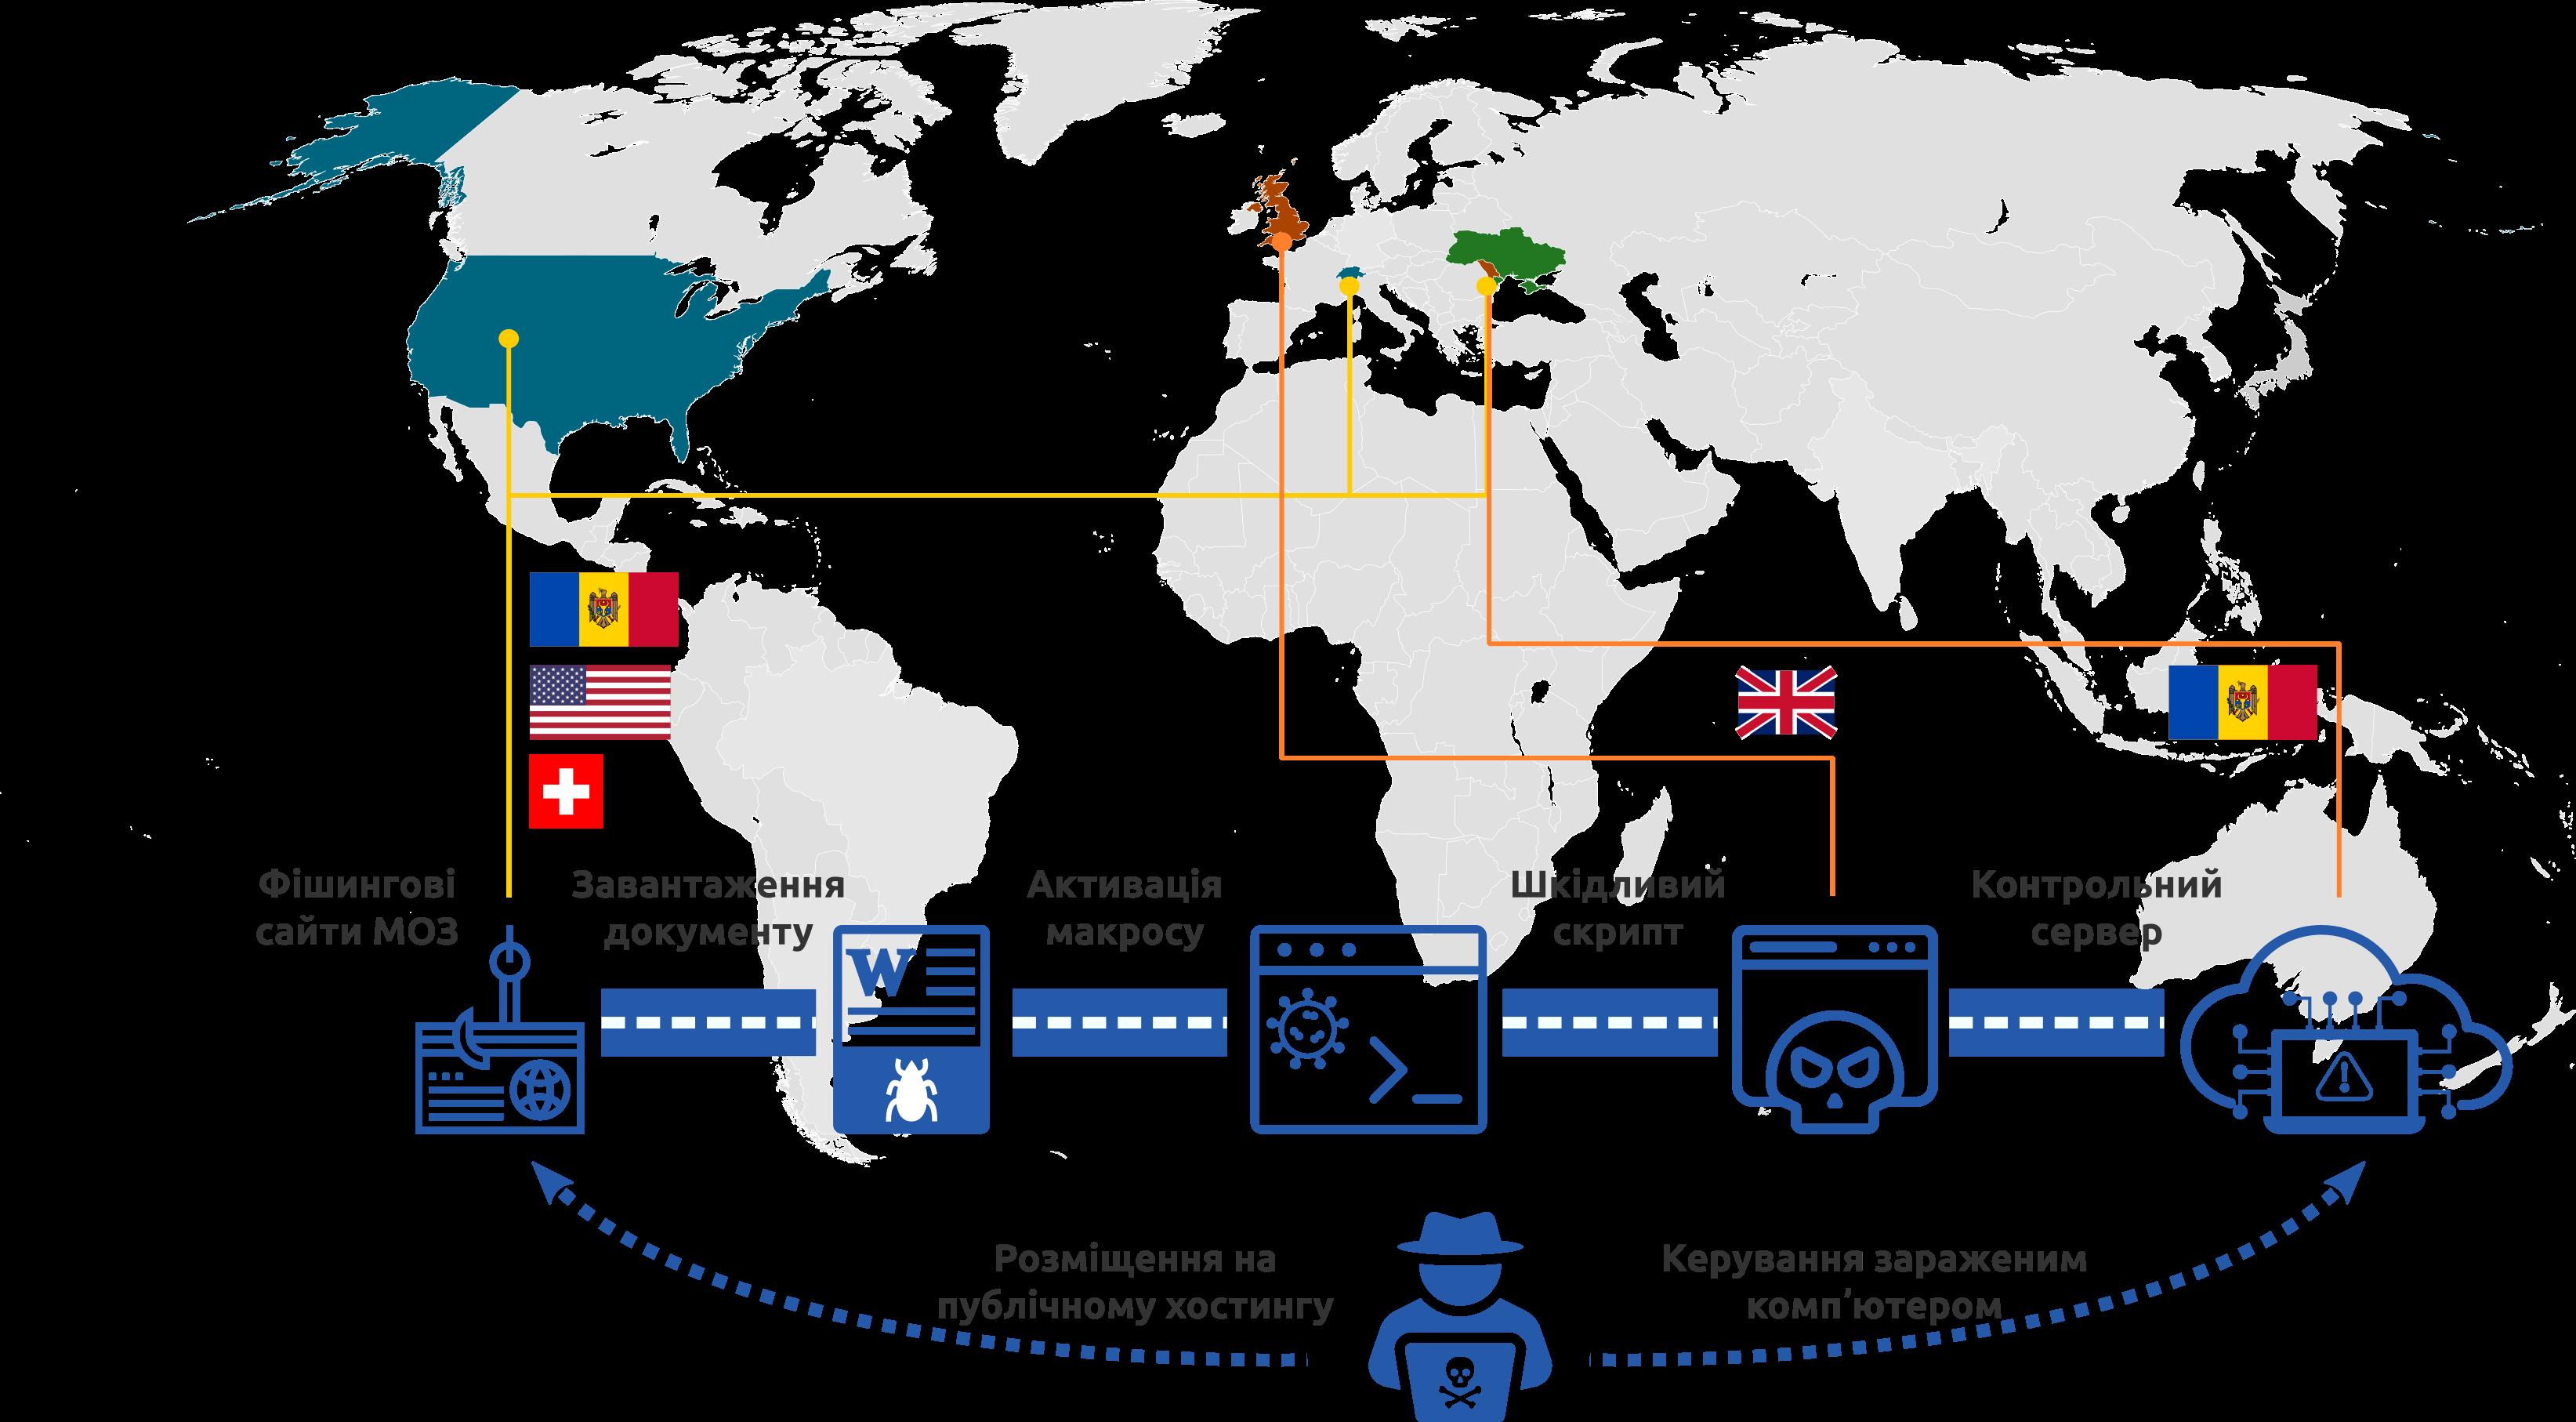 Украина подверглась крупной кибератаке. Связана с ажиотажем вокруг COVID-вакцинации